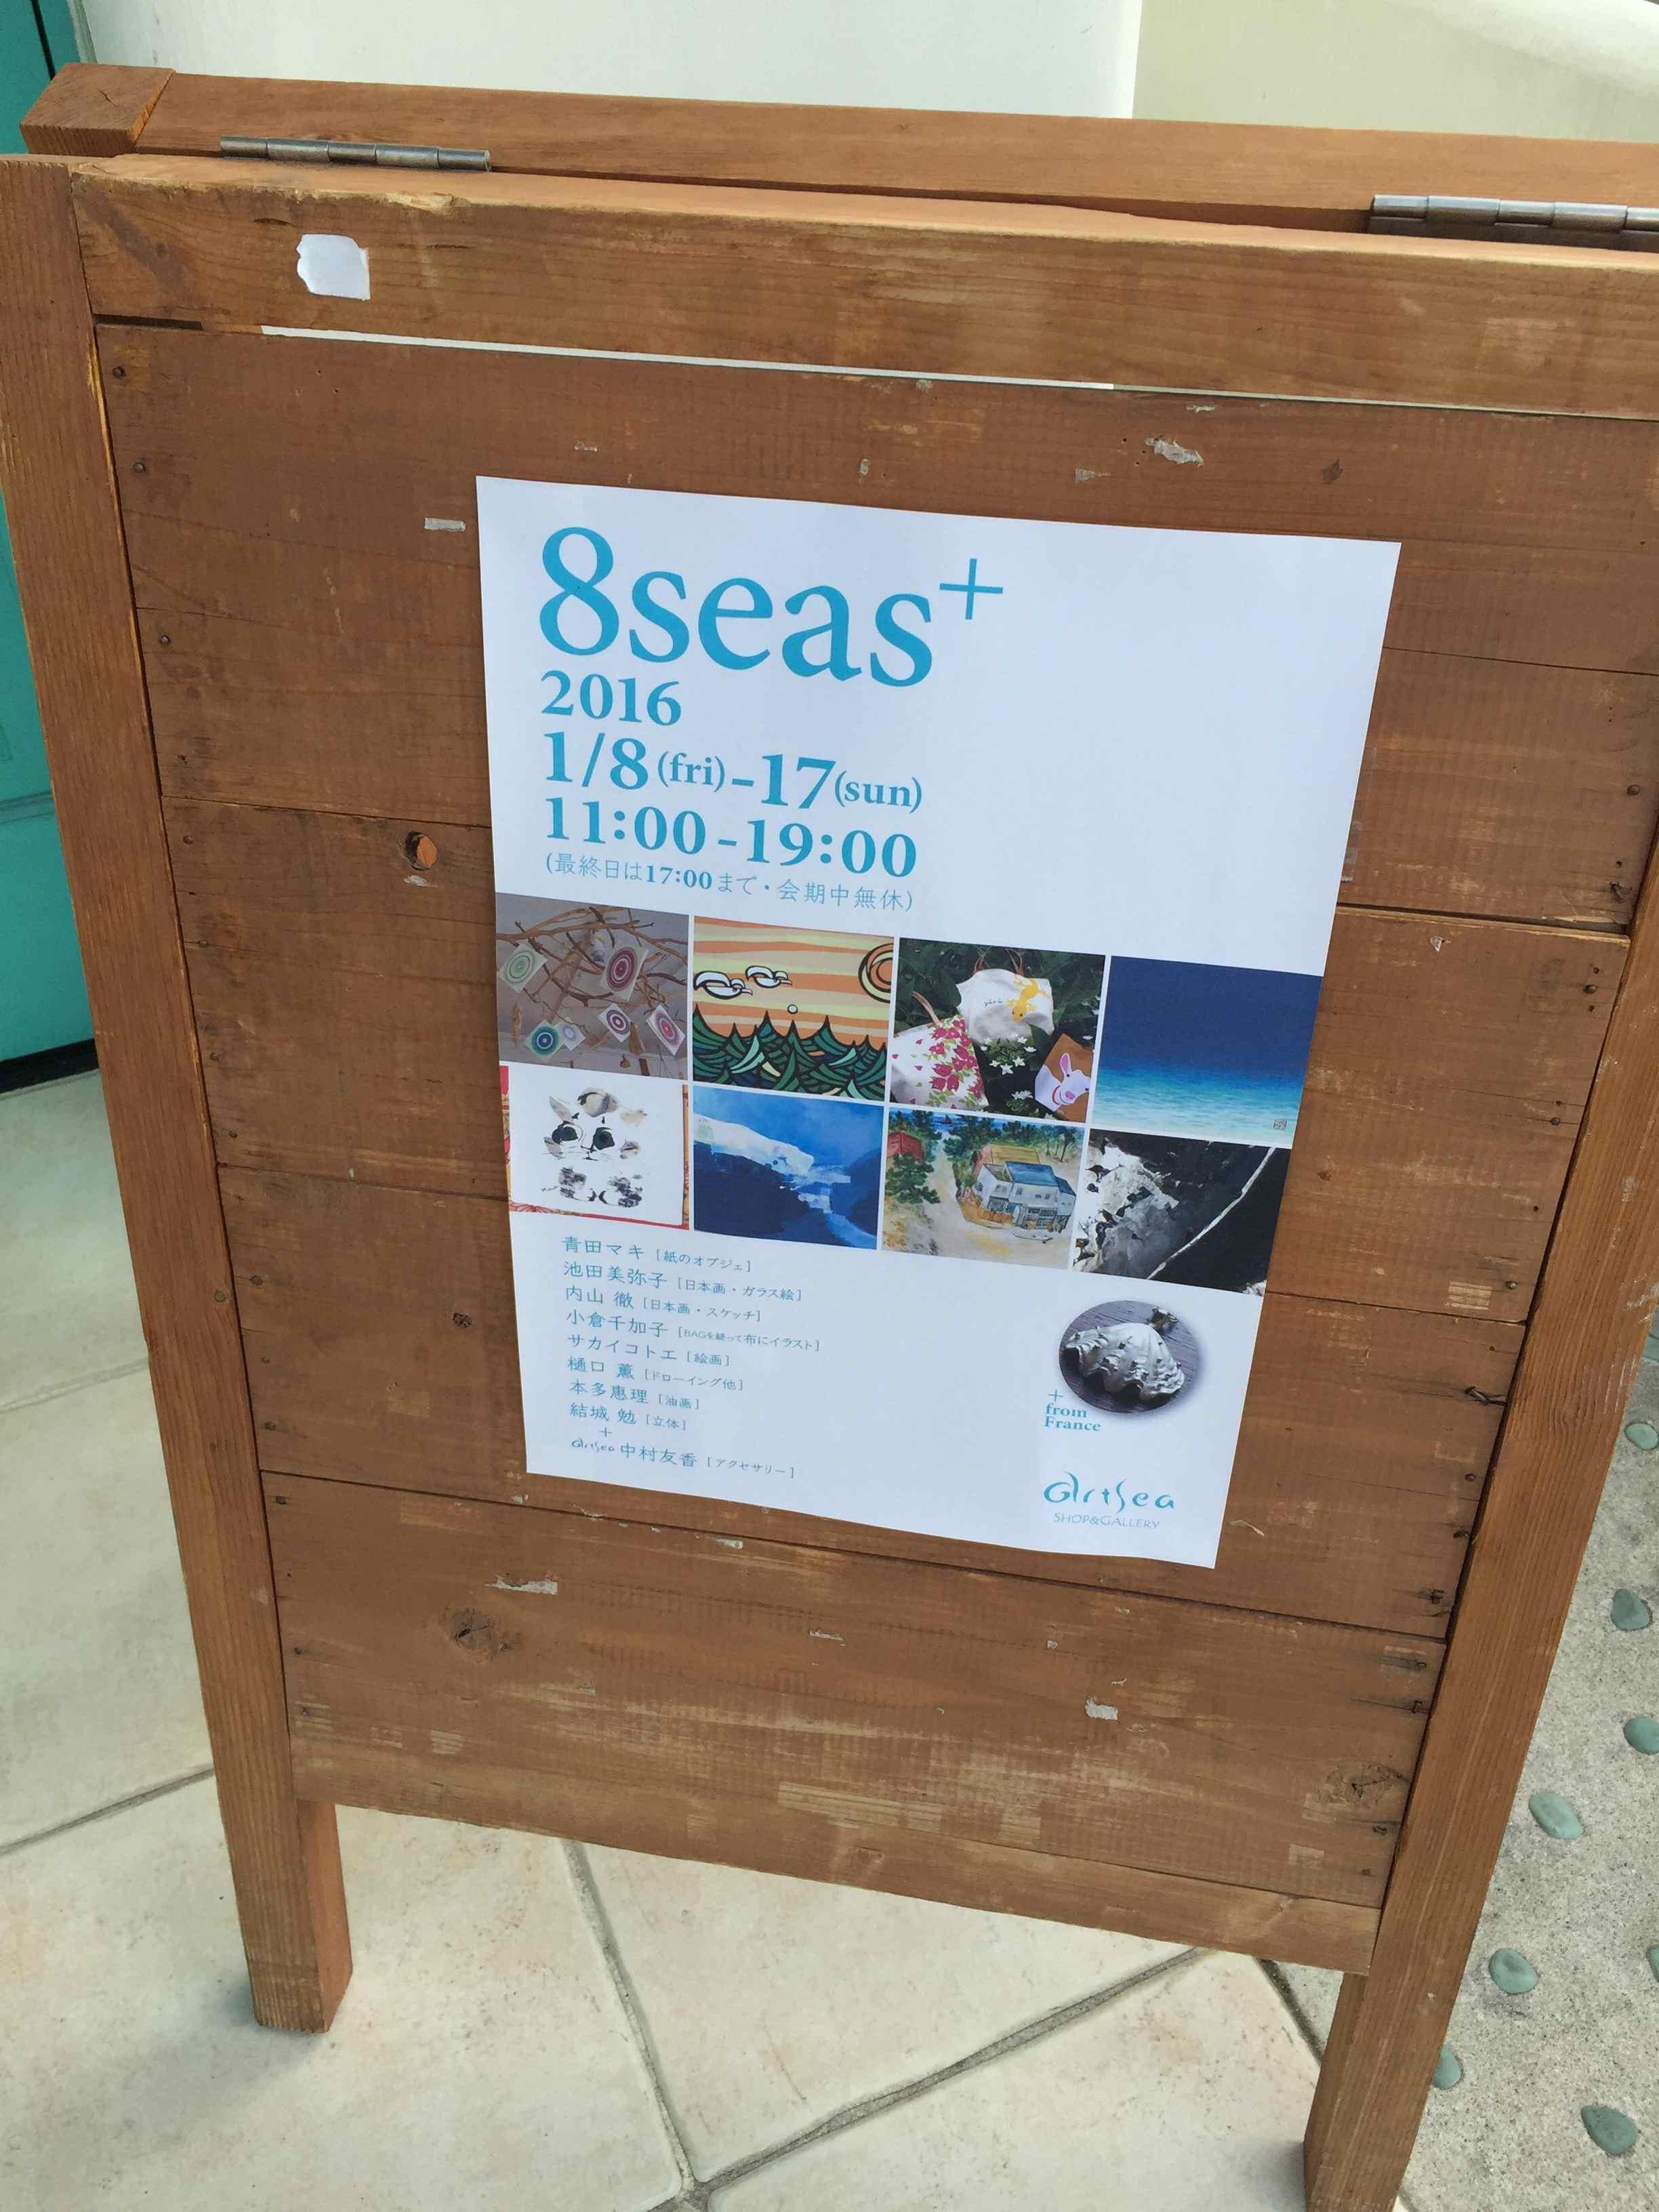 茅ヶ崎のギャラリーArtseaに8seas+を見に行った